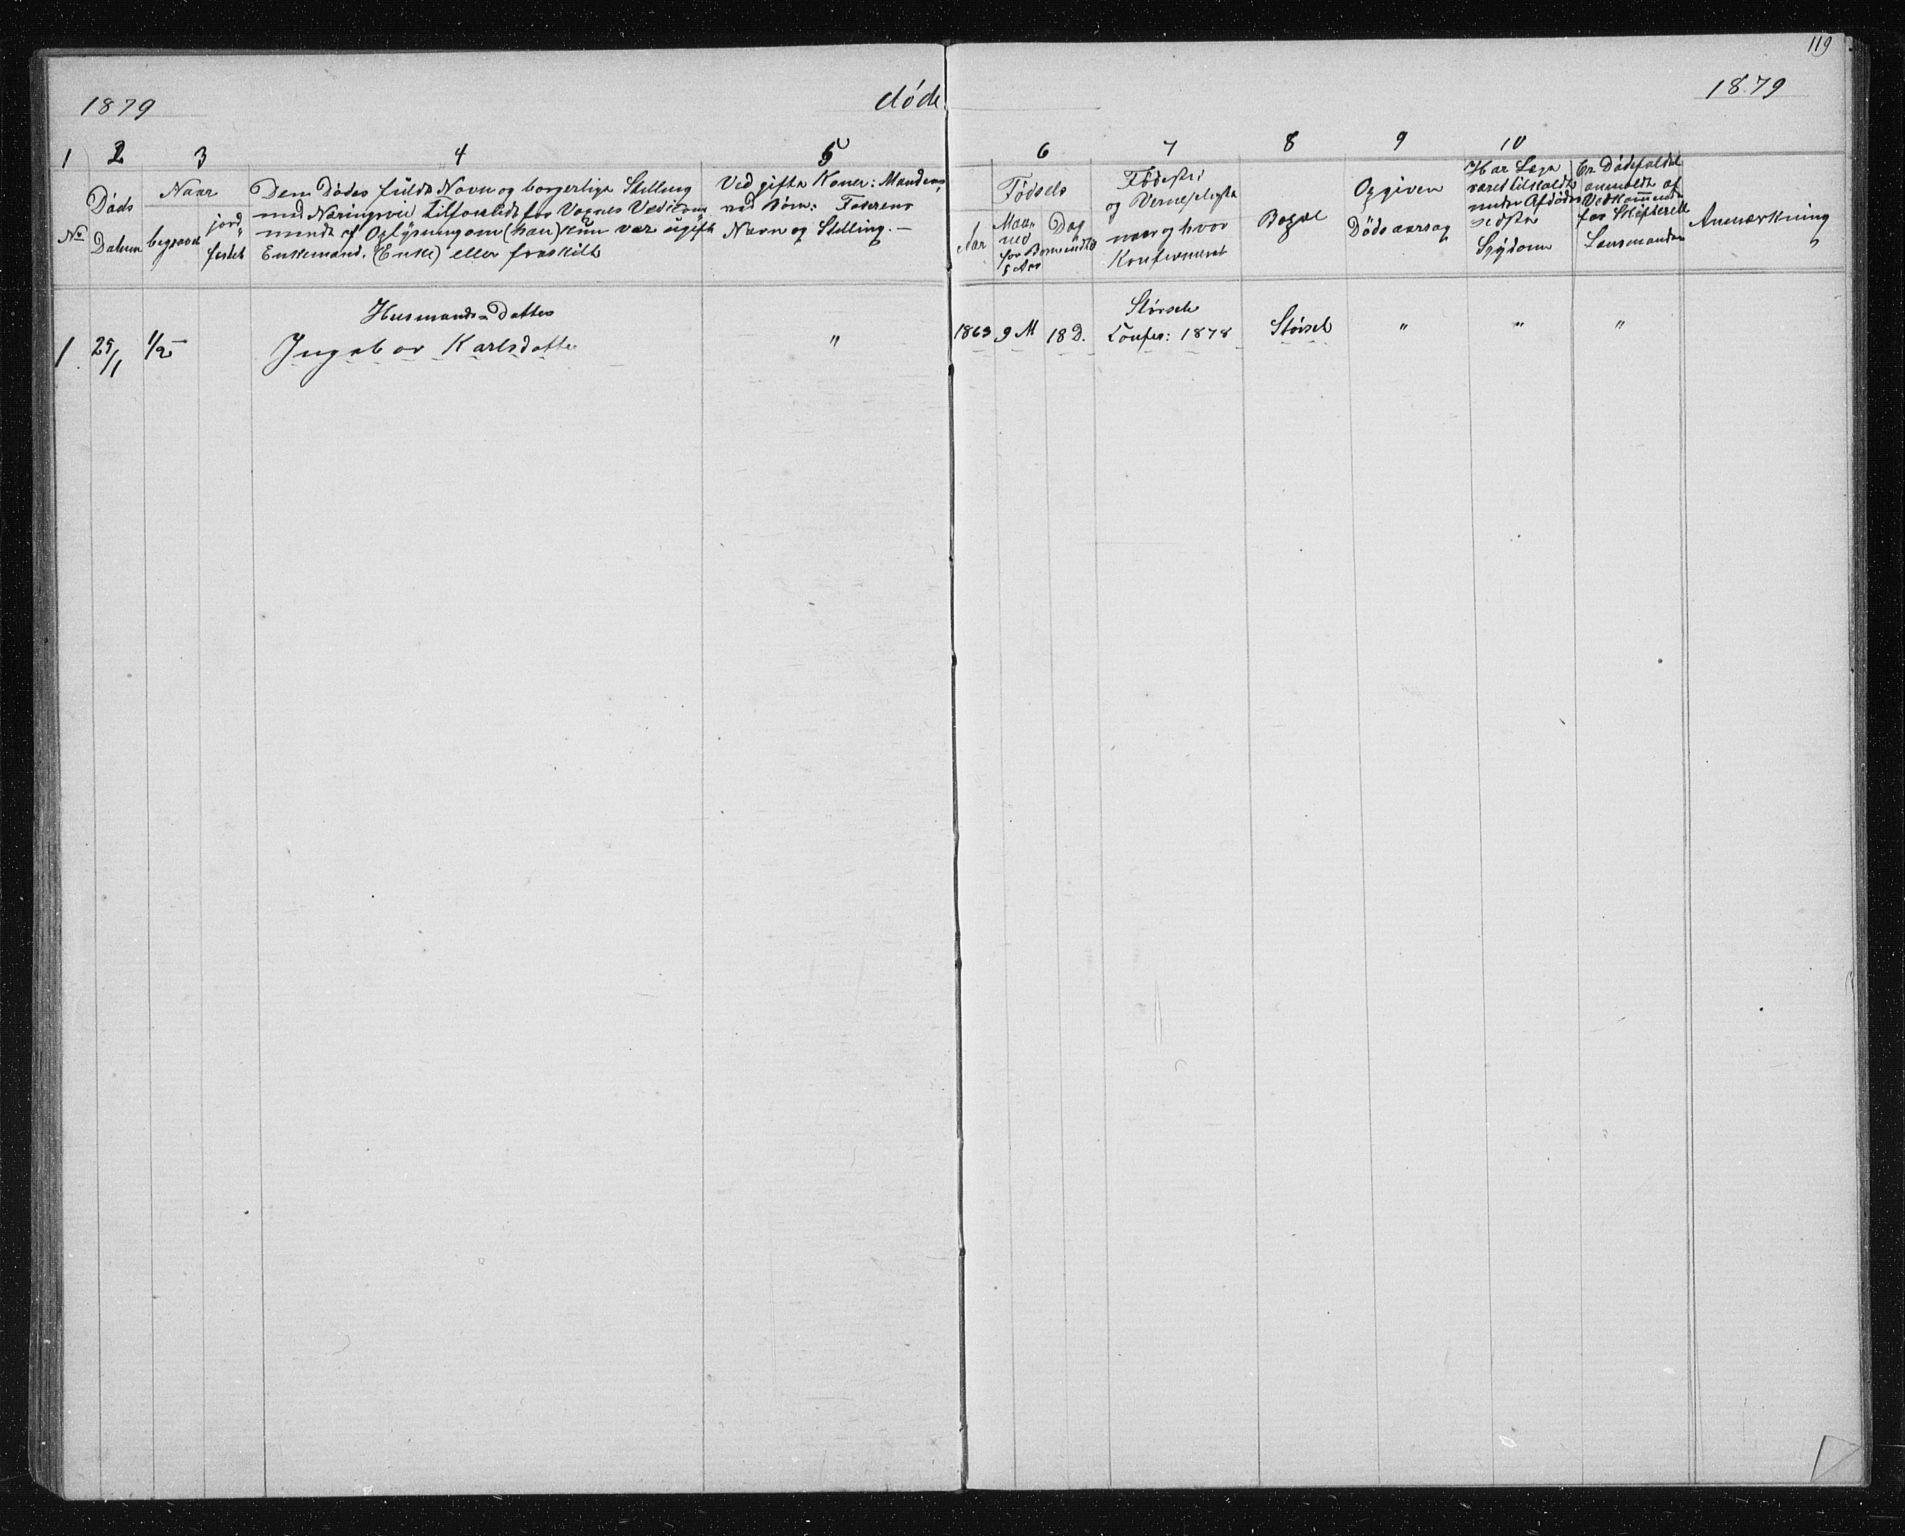 SAT, Ministerialprotokoller, klokkerbøker og fødselsregistre - Sør-Trøndelag, 631/L0513: Klokkerbok nr. 631C01, 1869-1879, s. 119